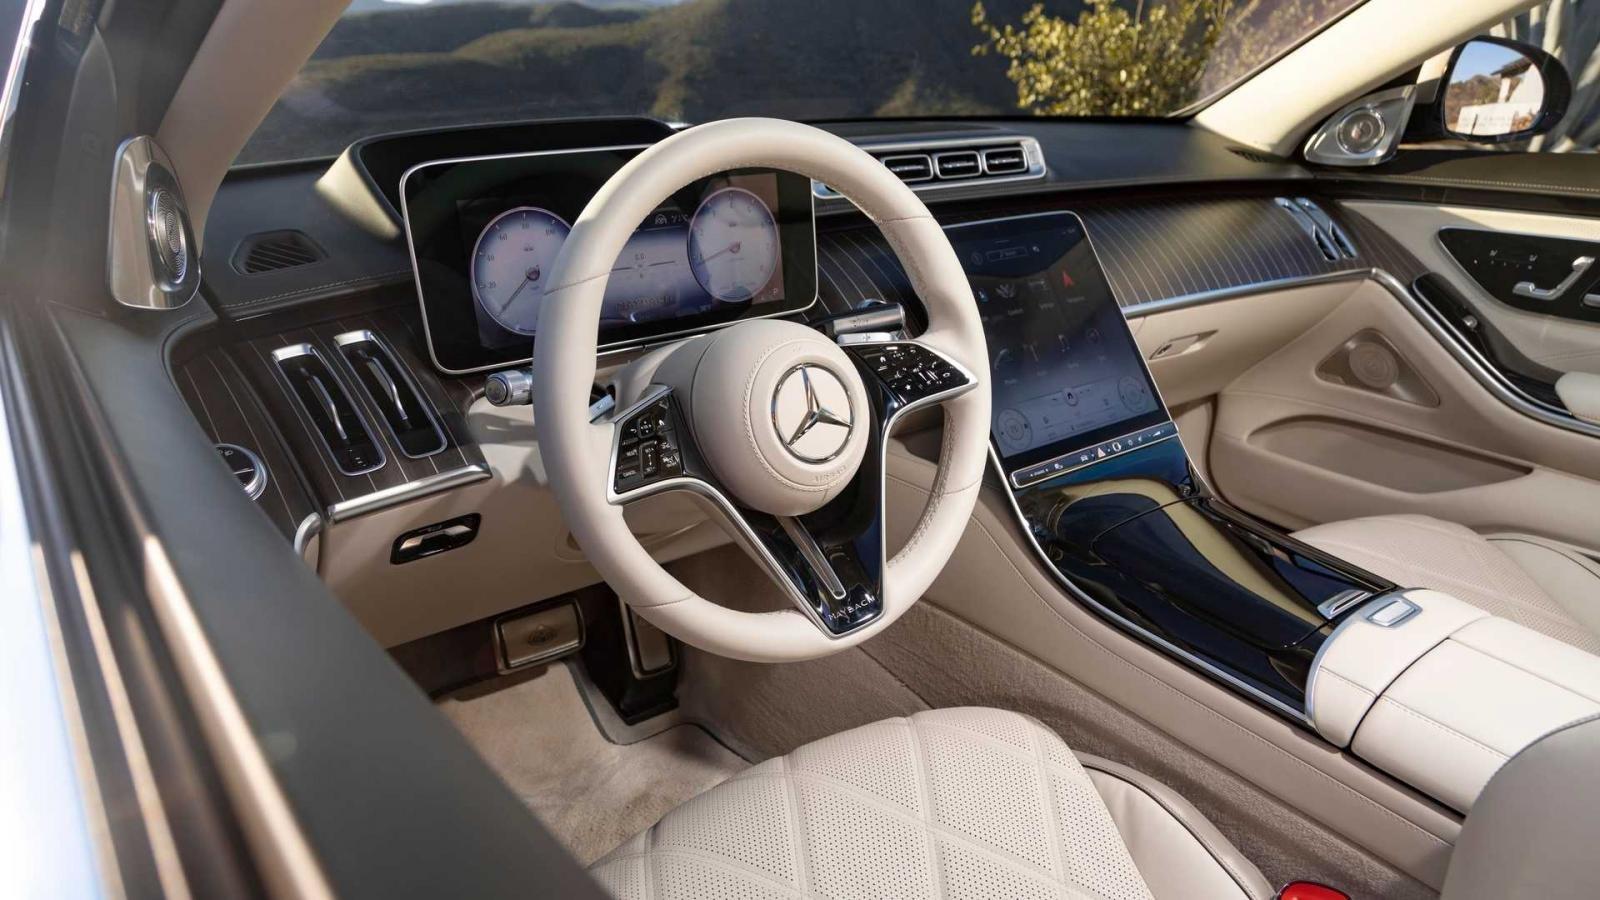 Mercedes-Maybach S-Class 2021 tích hợp các công nghệ tối tân nhất của hãng xe sang gốc Đức.